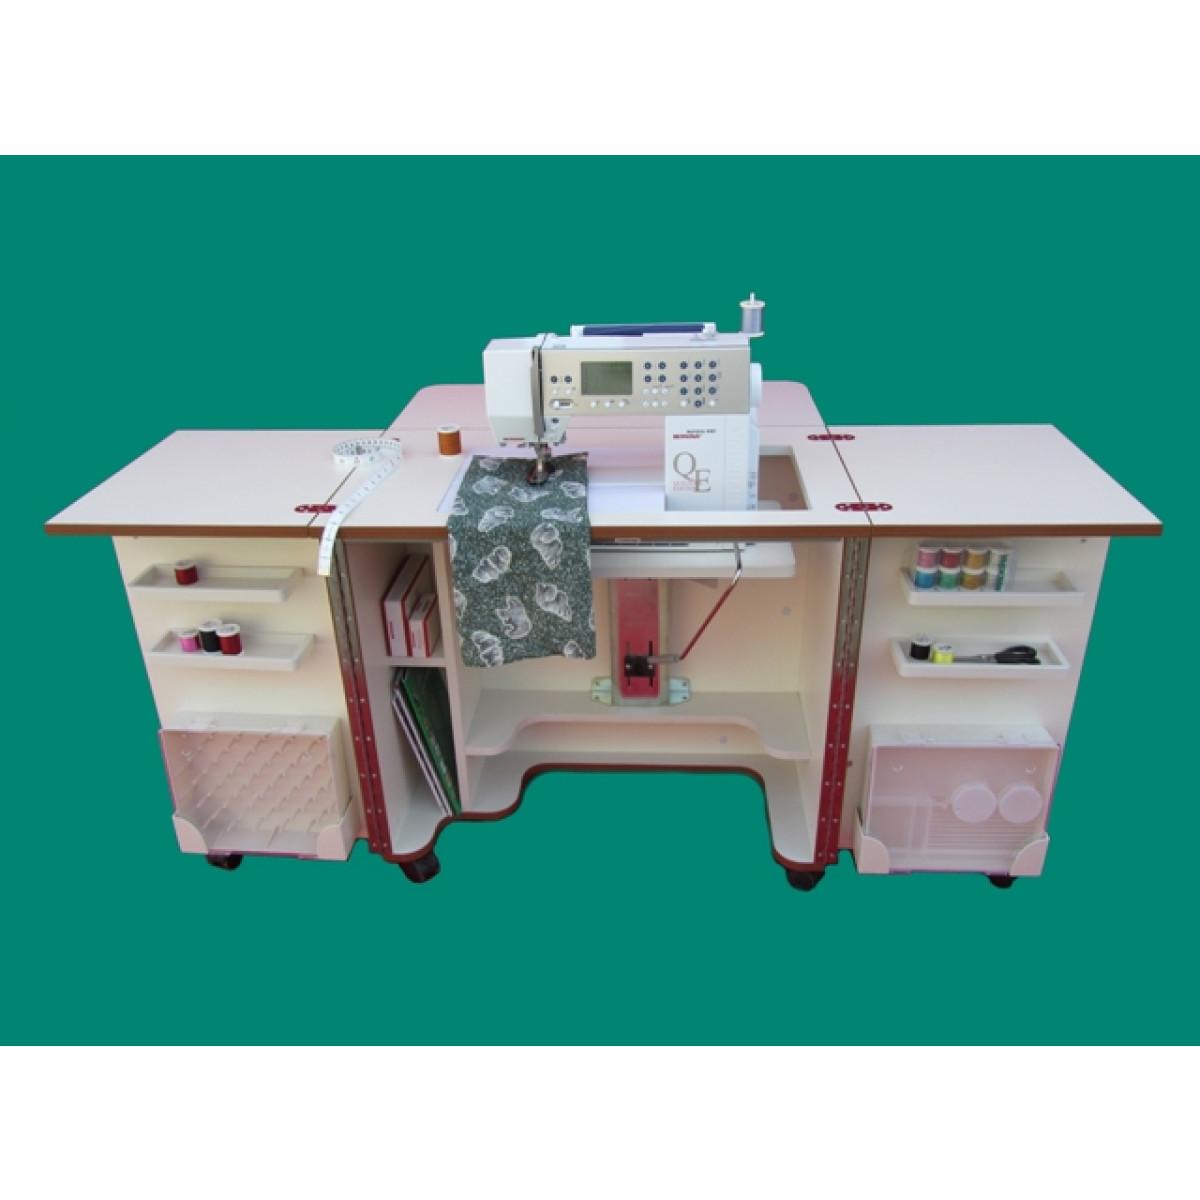 Eredi mantegazza mobile per cucire tailormade gemini for Mobile per macchina da cucire prezzi